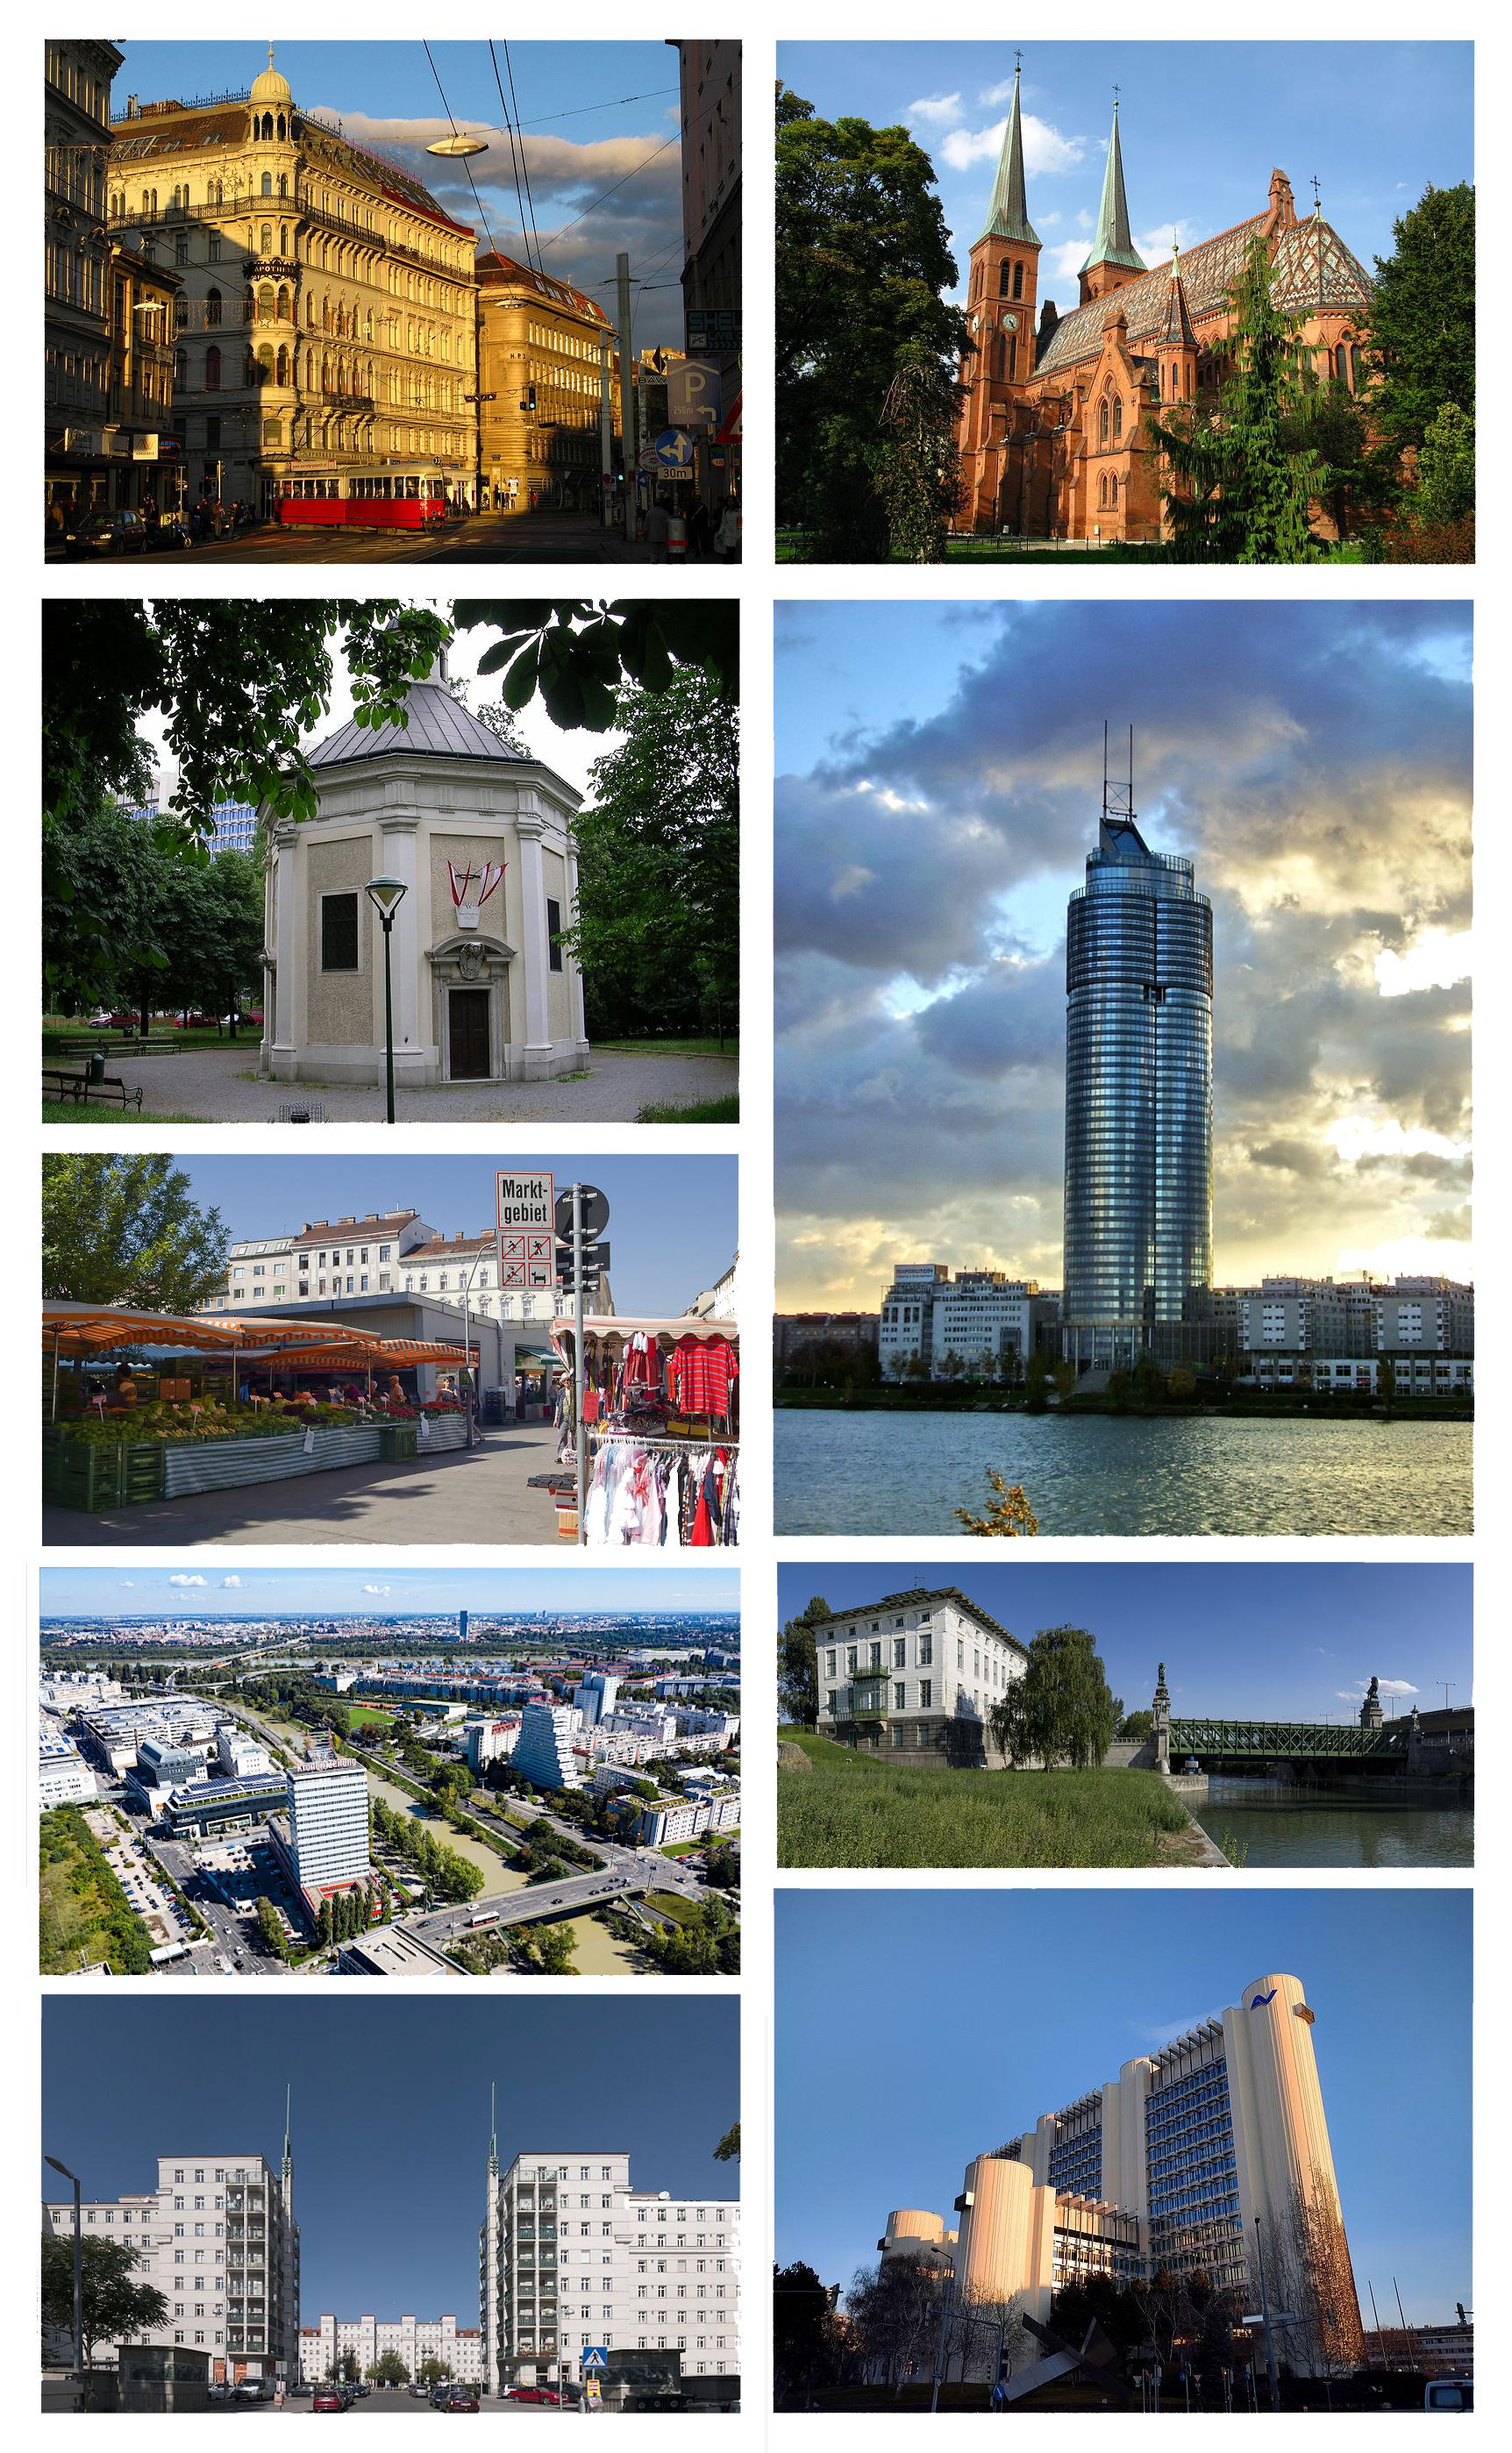 Filebrigittenau Collage Of Main Landmarksjpg Wikimedia Commons